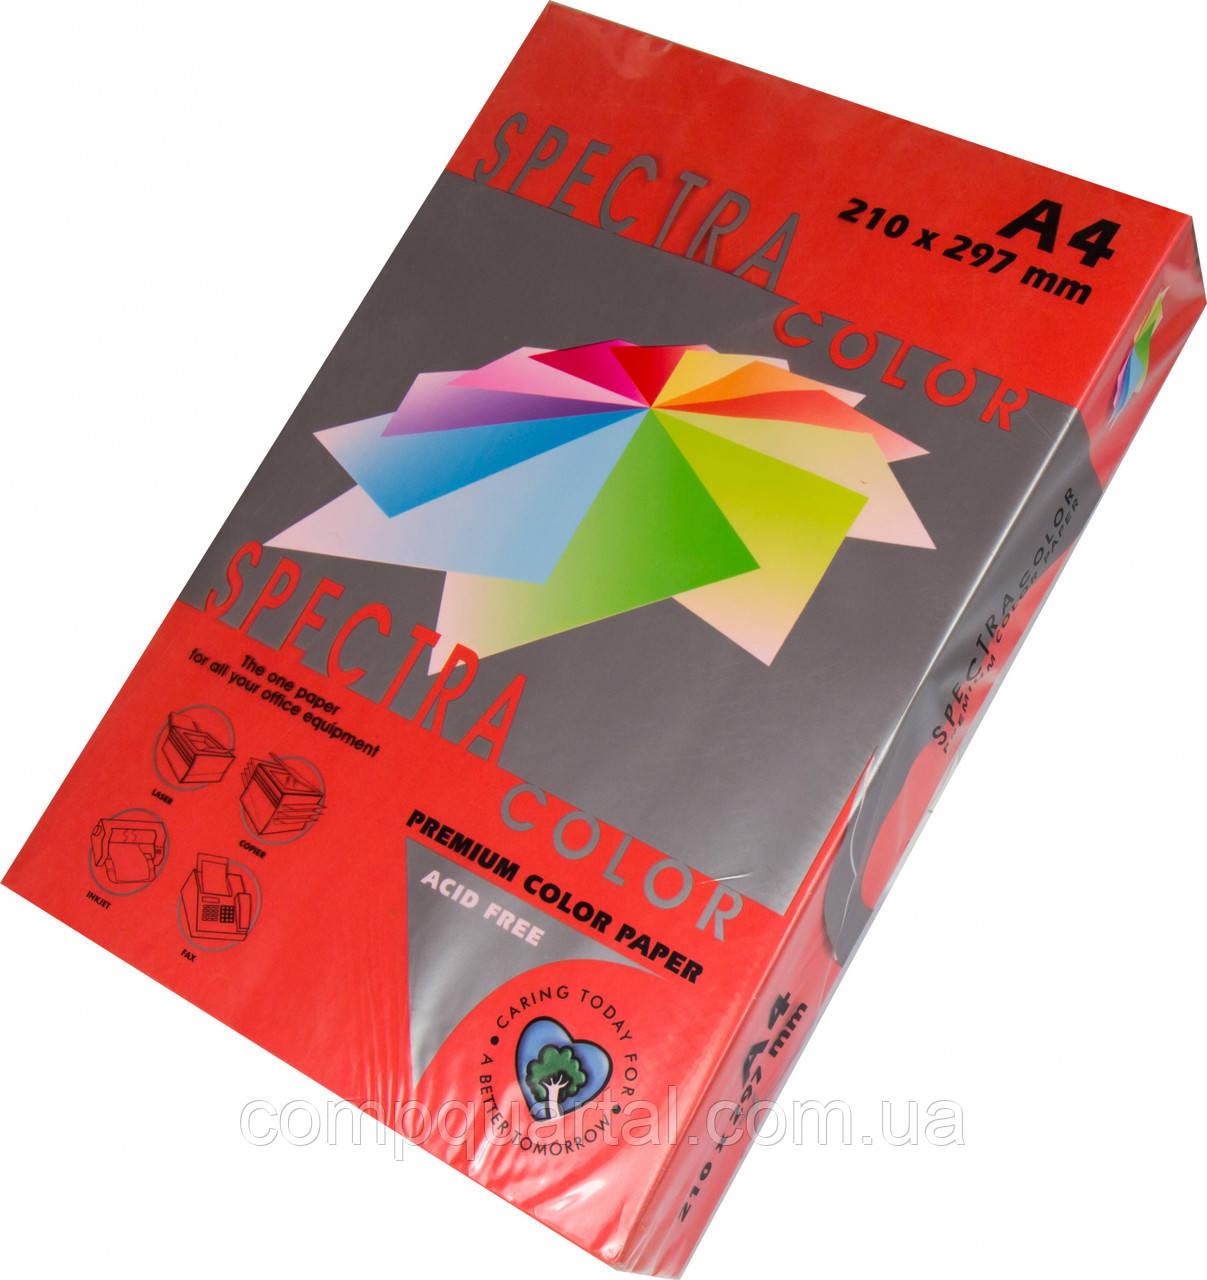 Папір кольоровий 160г/м, А4 250арк. SPECTRA COLOR IT 250 Red (Інтенсивний червоний)